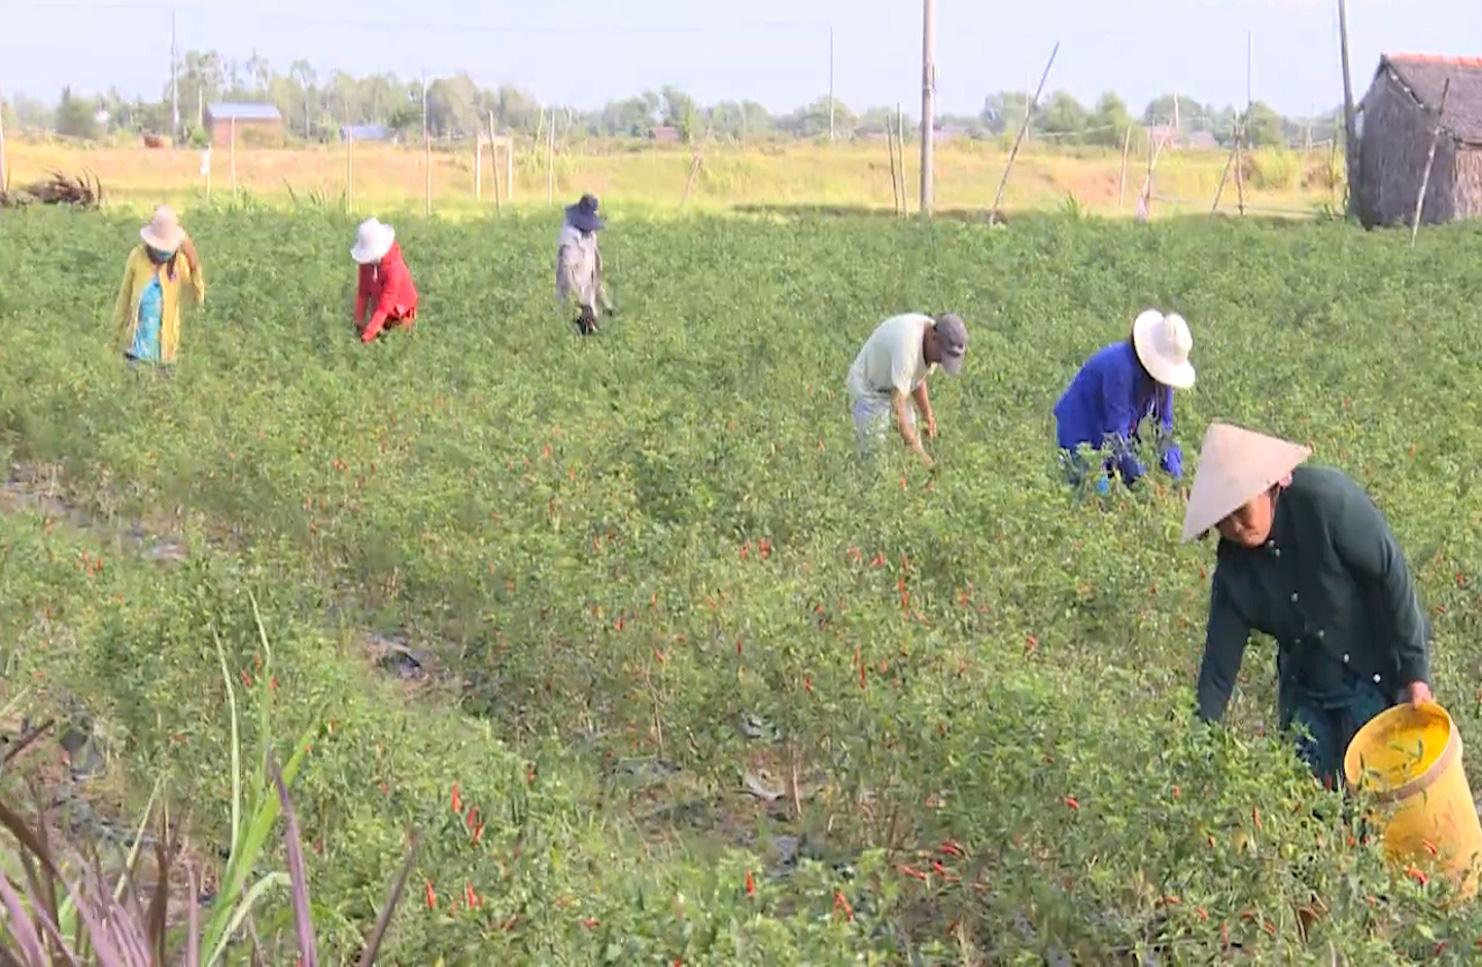 Trà Vinh: Mô hình HTX sản xuất nông nghiệp theo hướng hữu cơ - Ảnh 6.